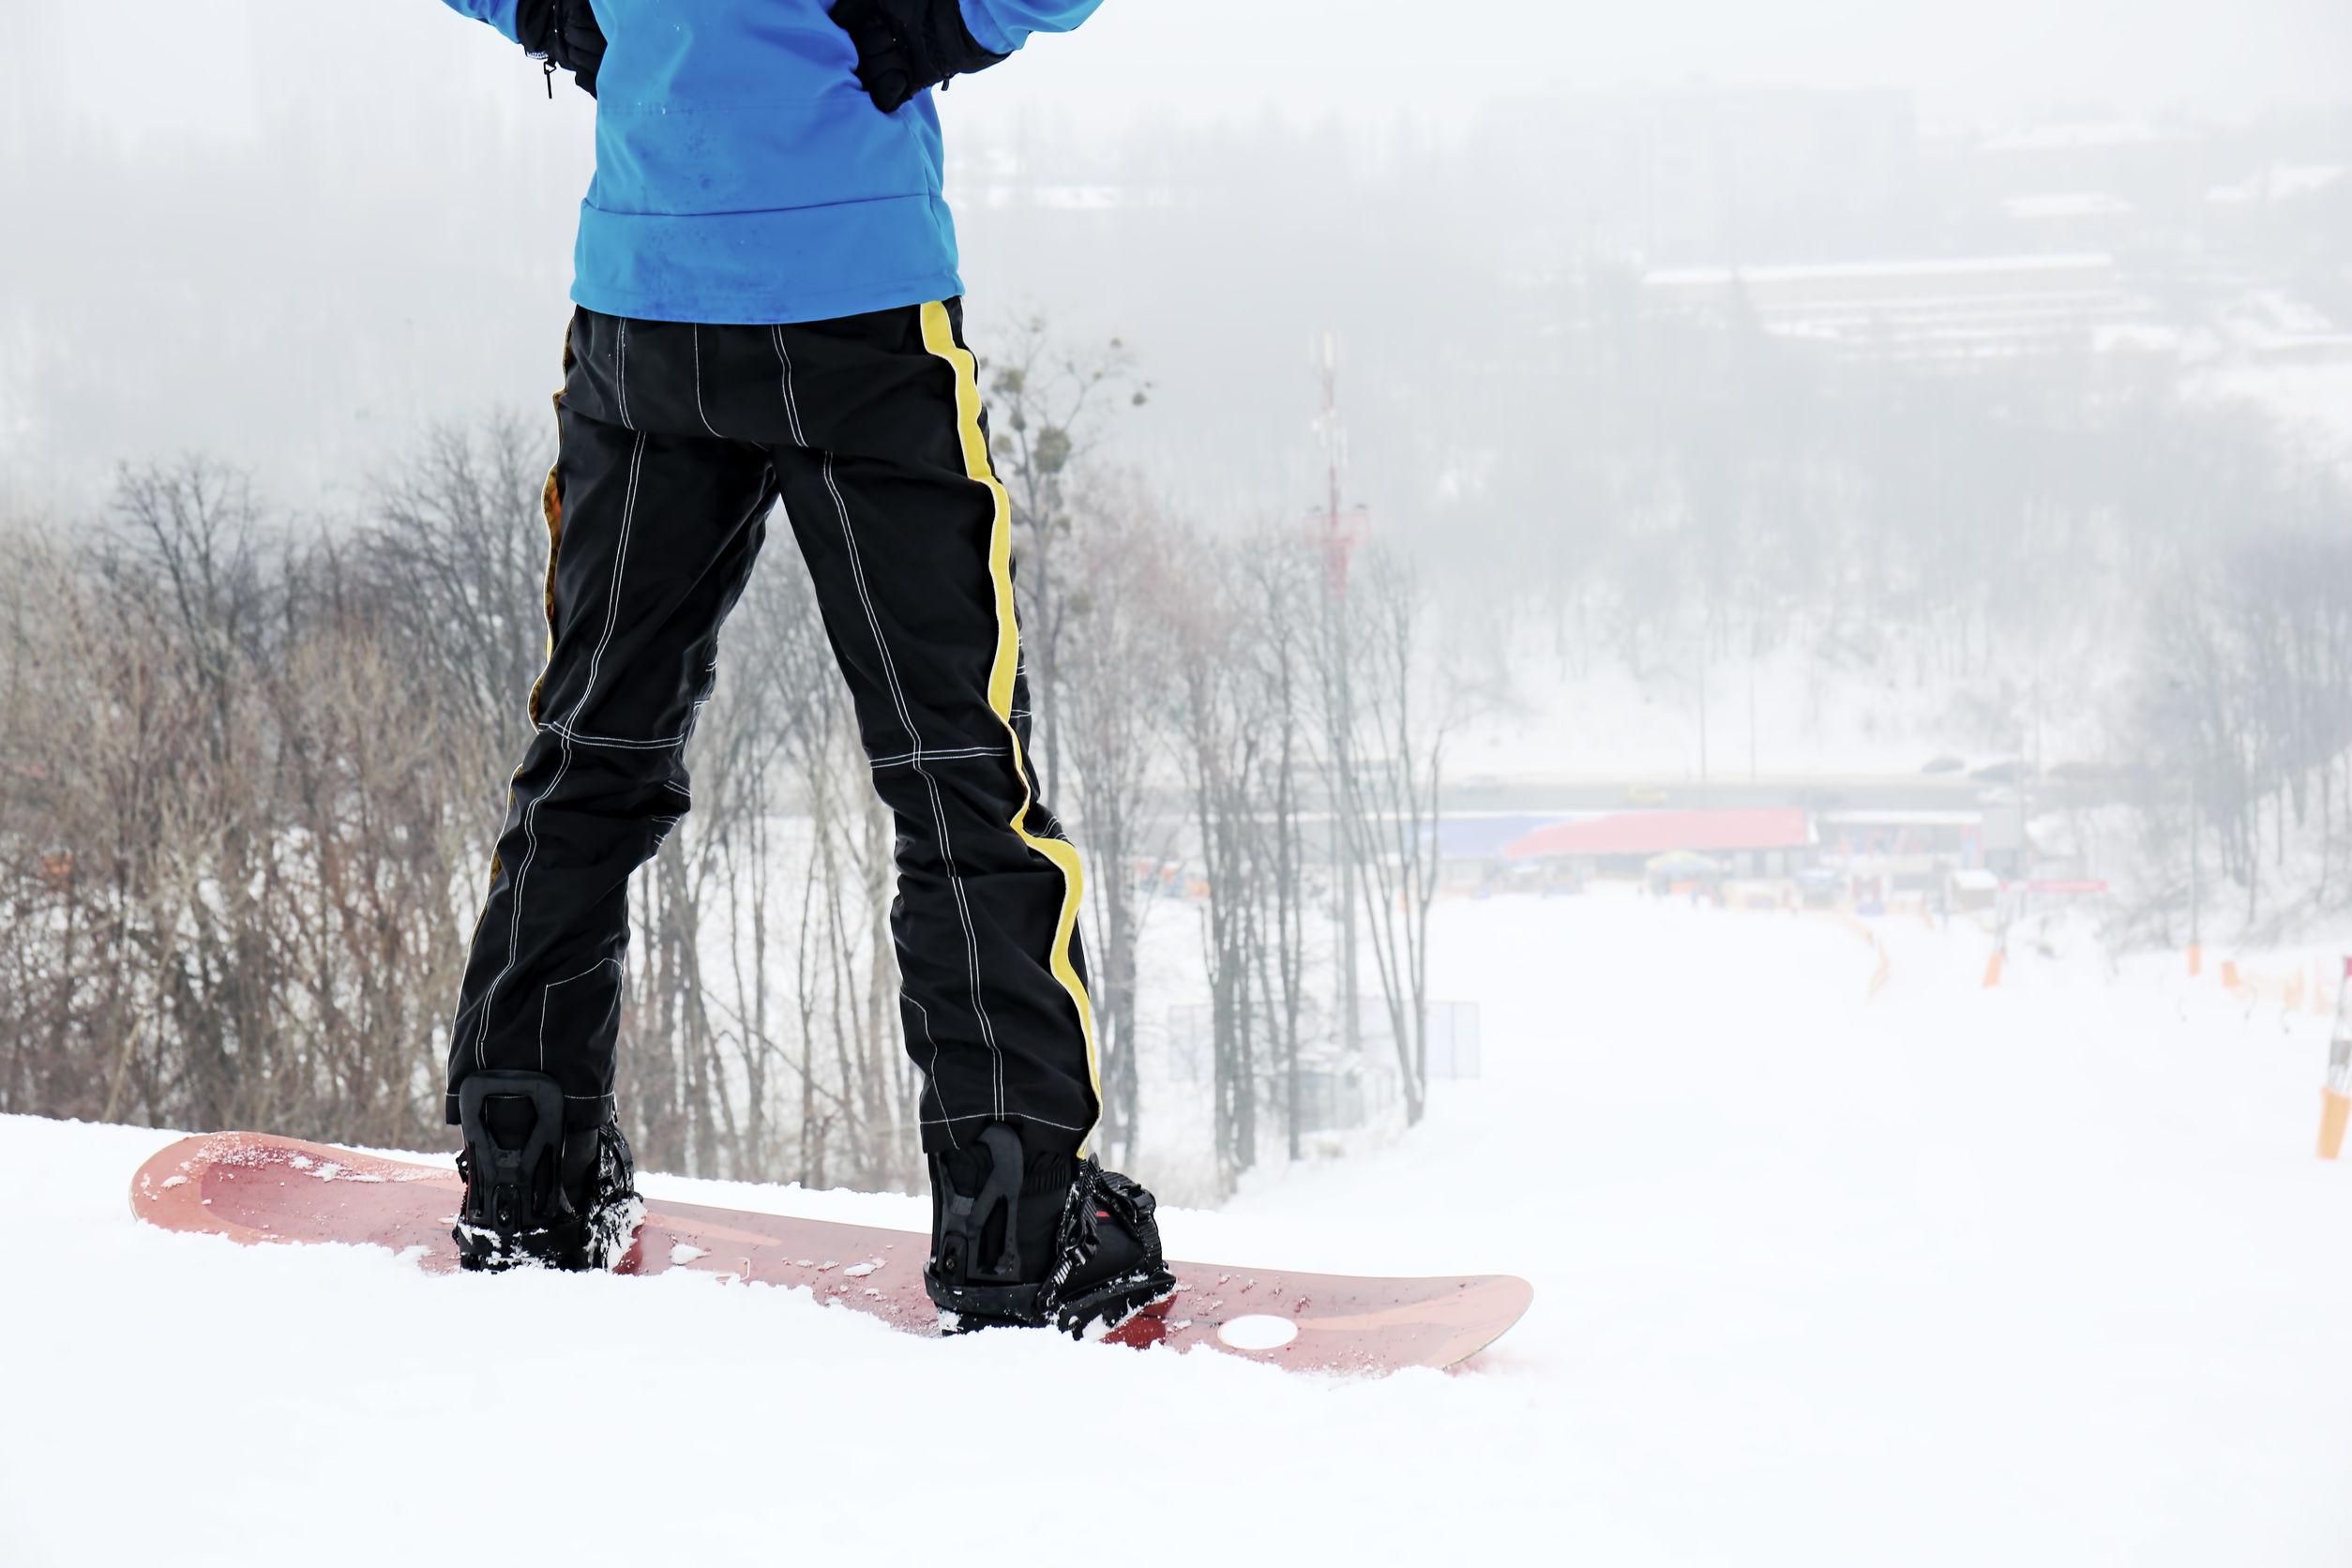 Snowboardhose: Test & Empfehlungen (01/21)